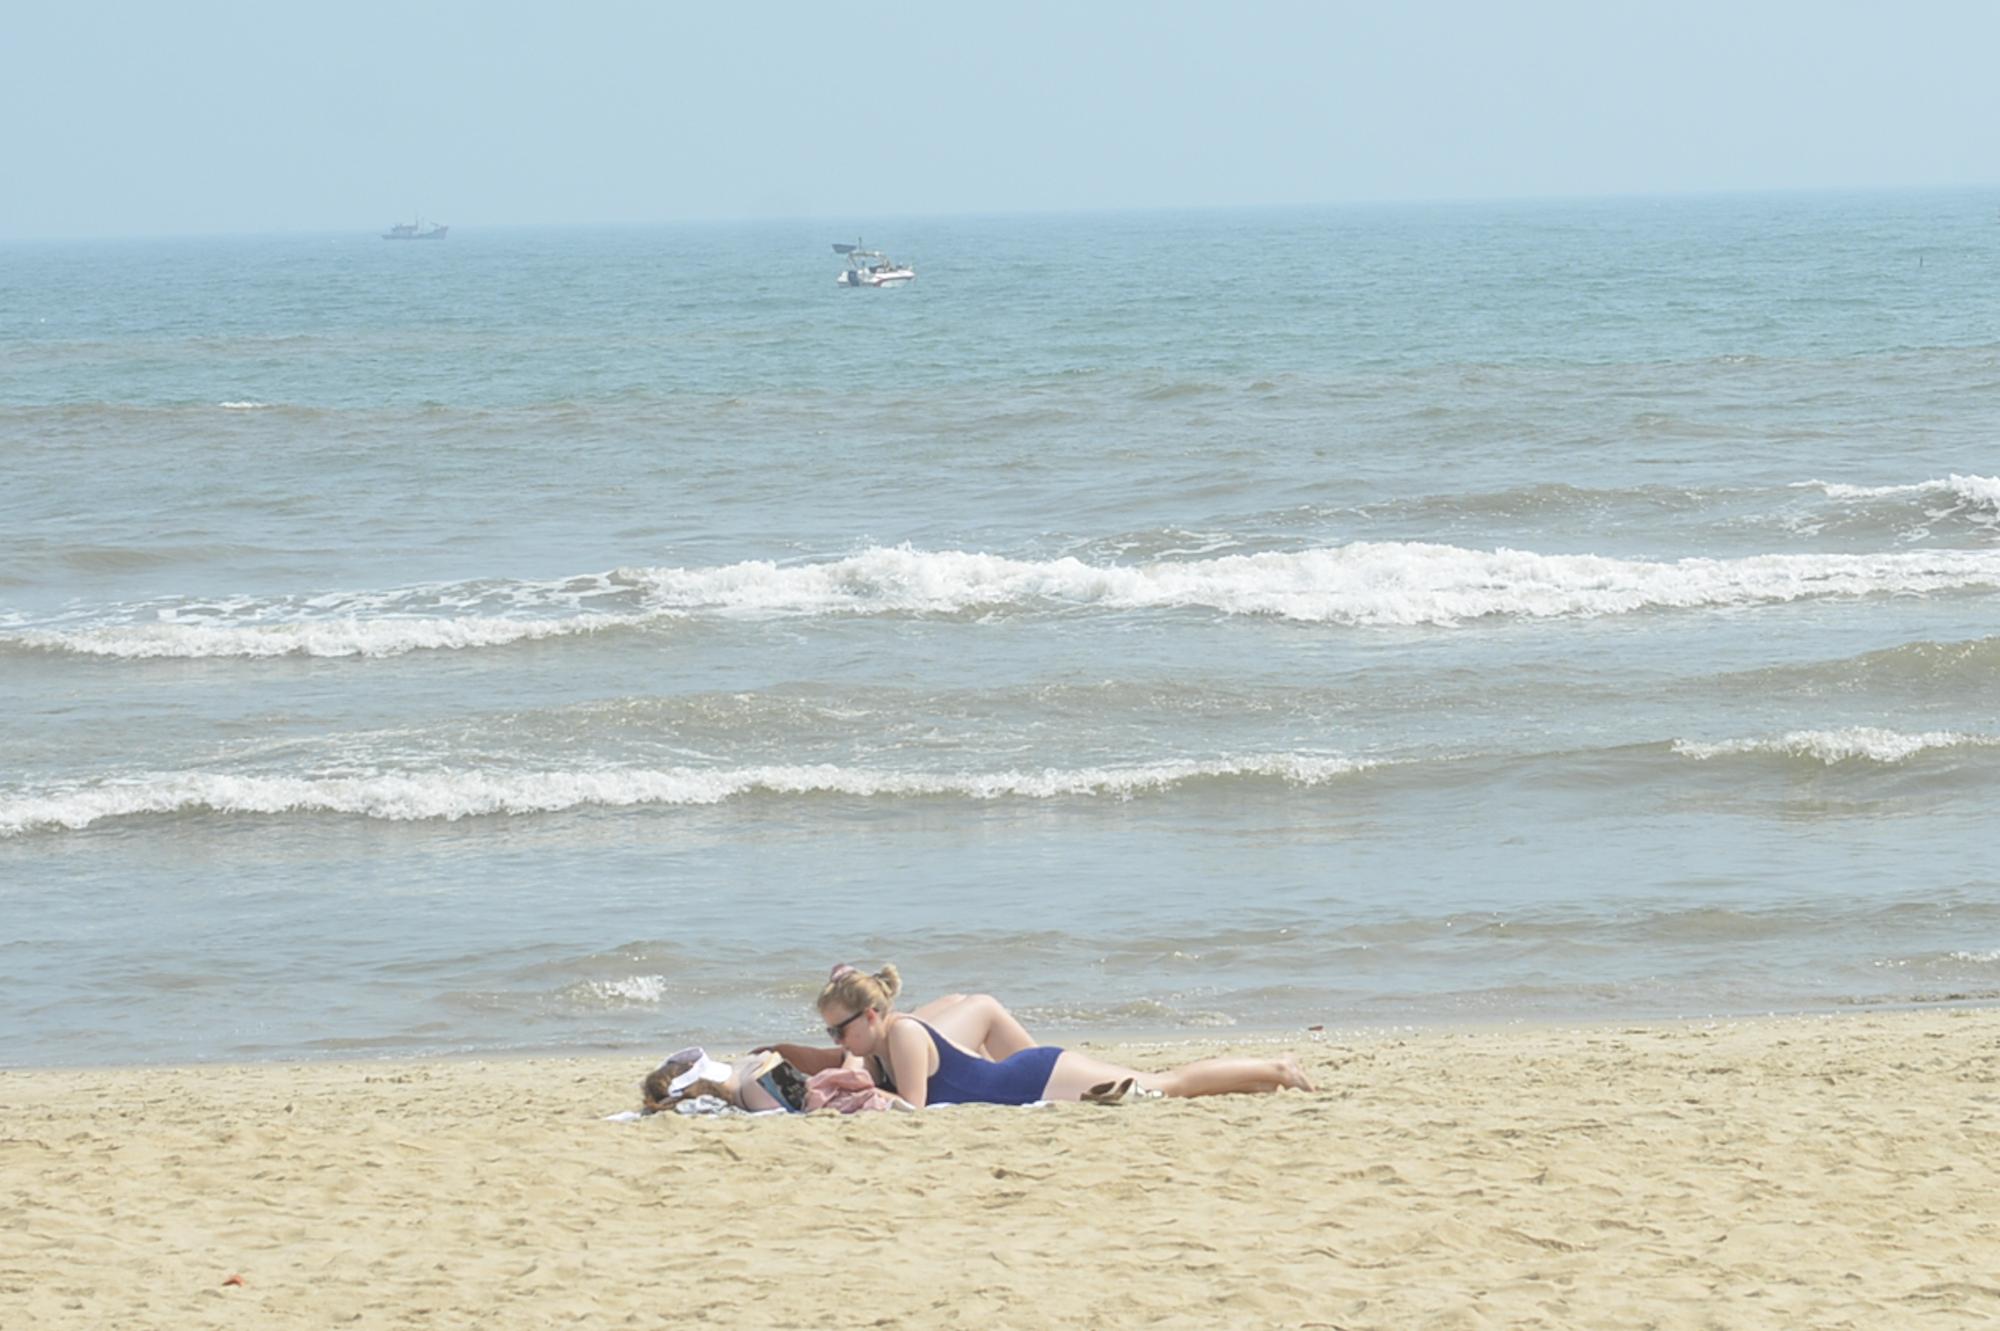 Đà Nẵng: Du khách thảnh thơi vui chơi ở bãi biển khi dịch Covid-19 được phòng tốt - Ảnh 3.